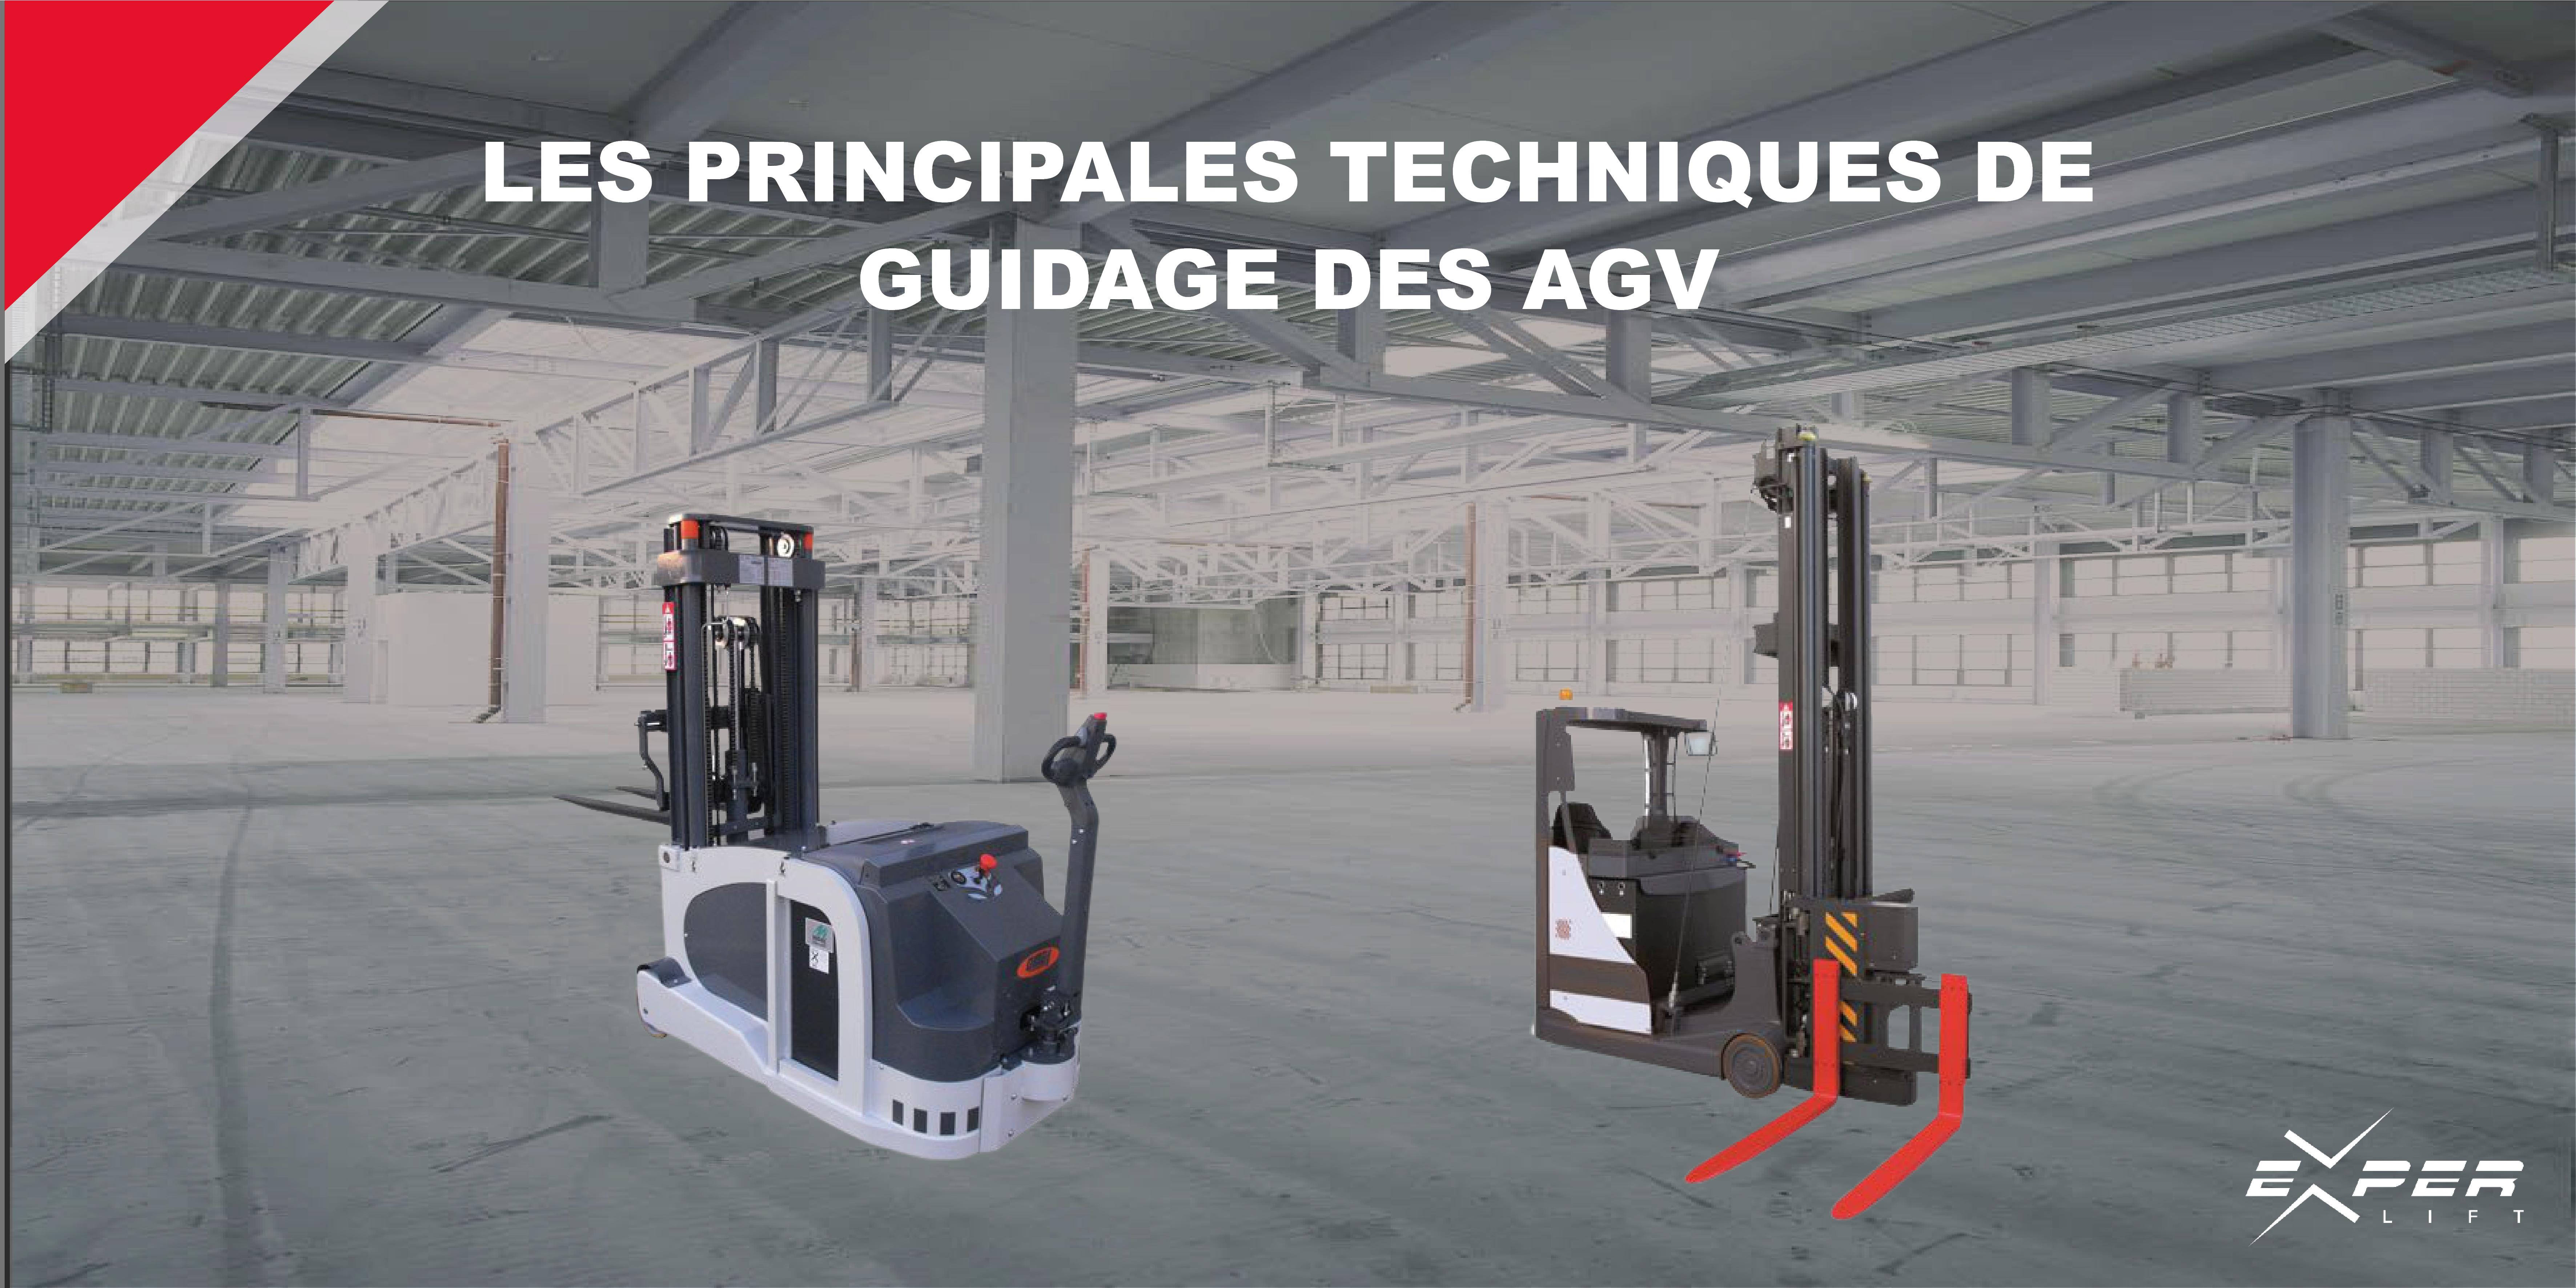 Les principales techniques de guidage des AGV